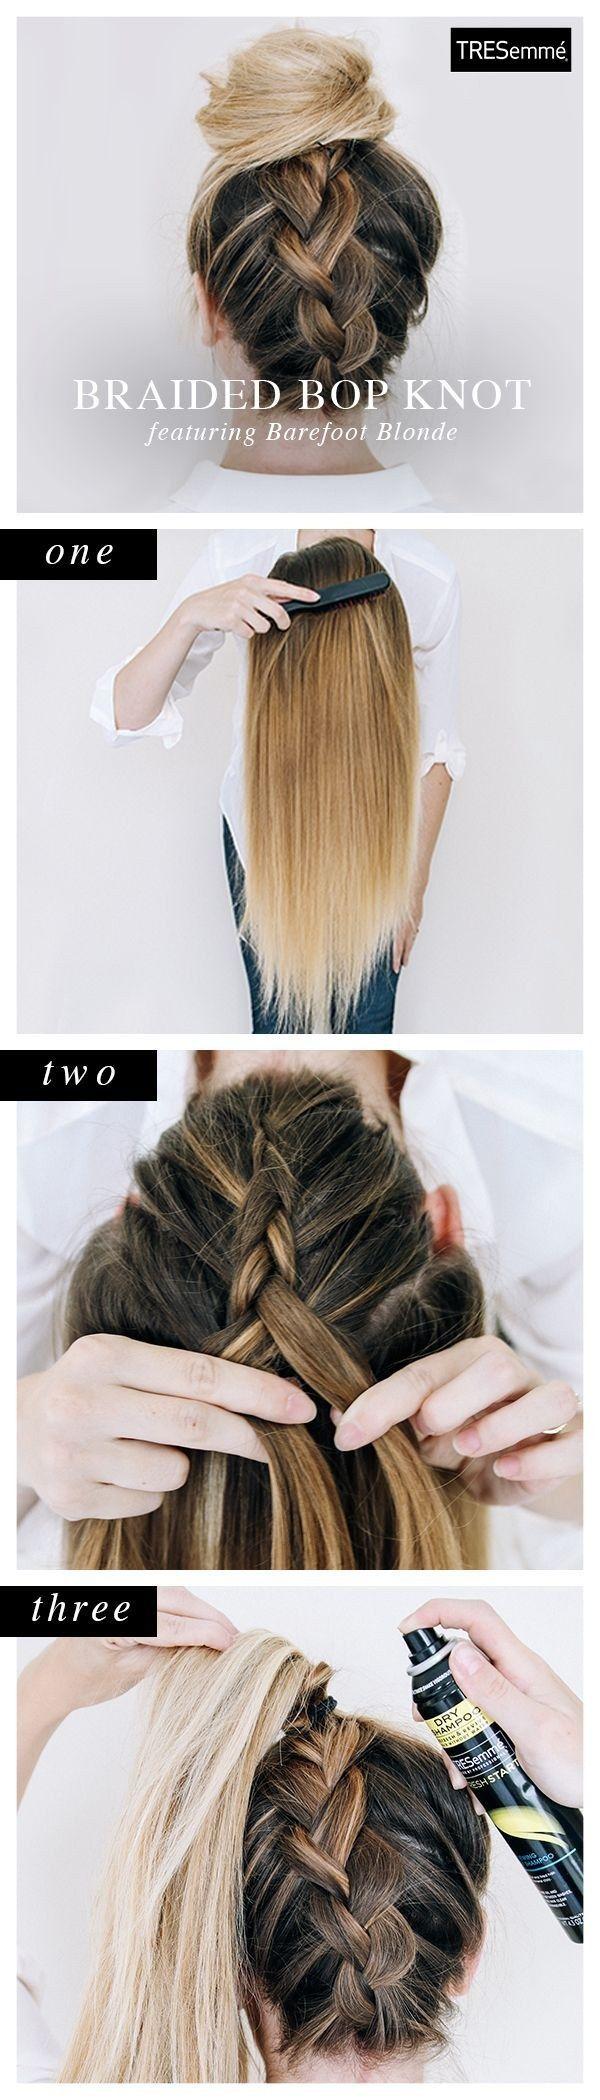 Este peinado es una opcion muy bonita y menos aburrida de hacer un chongo super facil